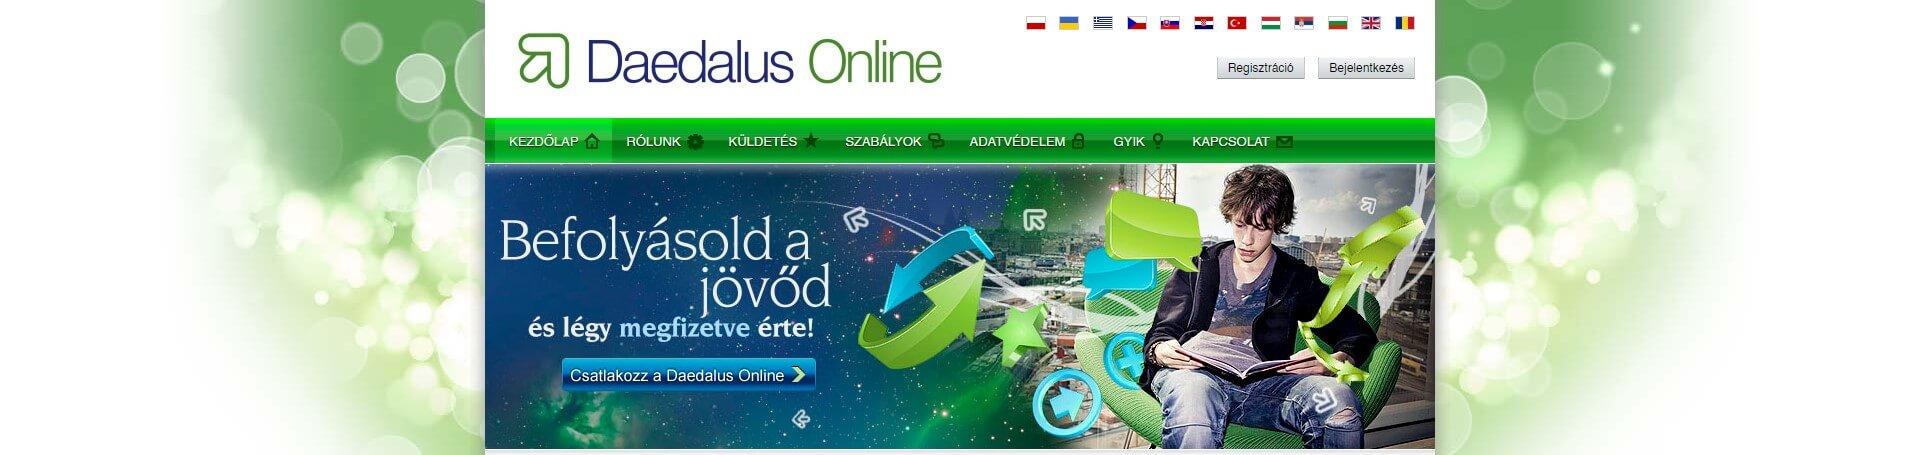 legjobb online kereseti besorolás)